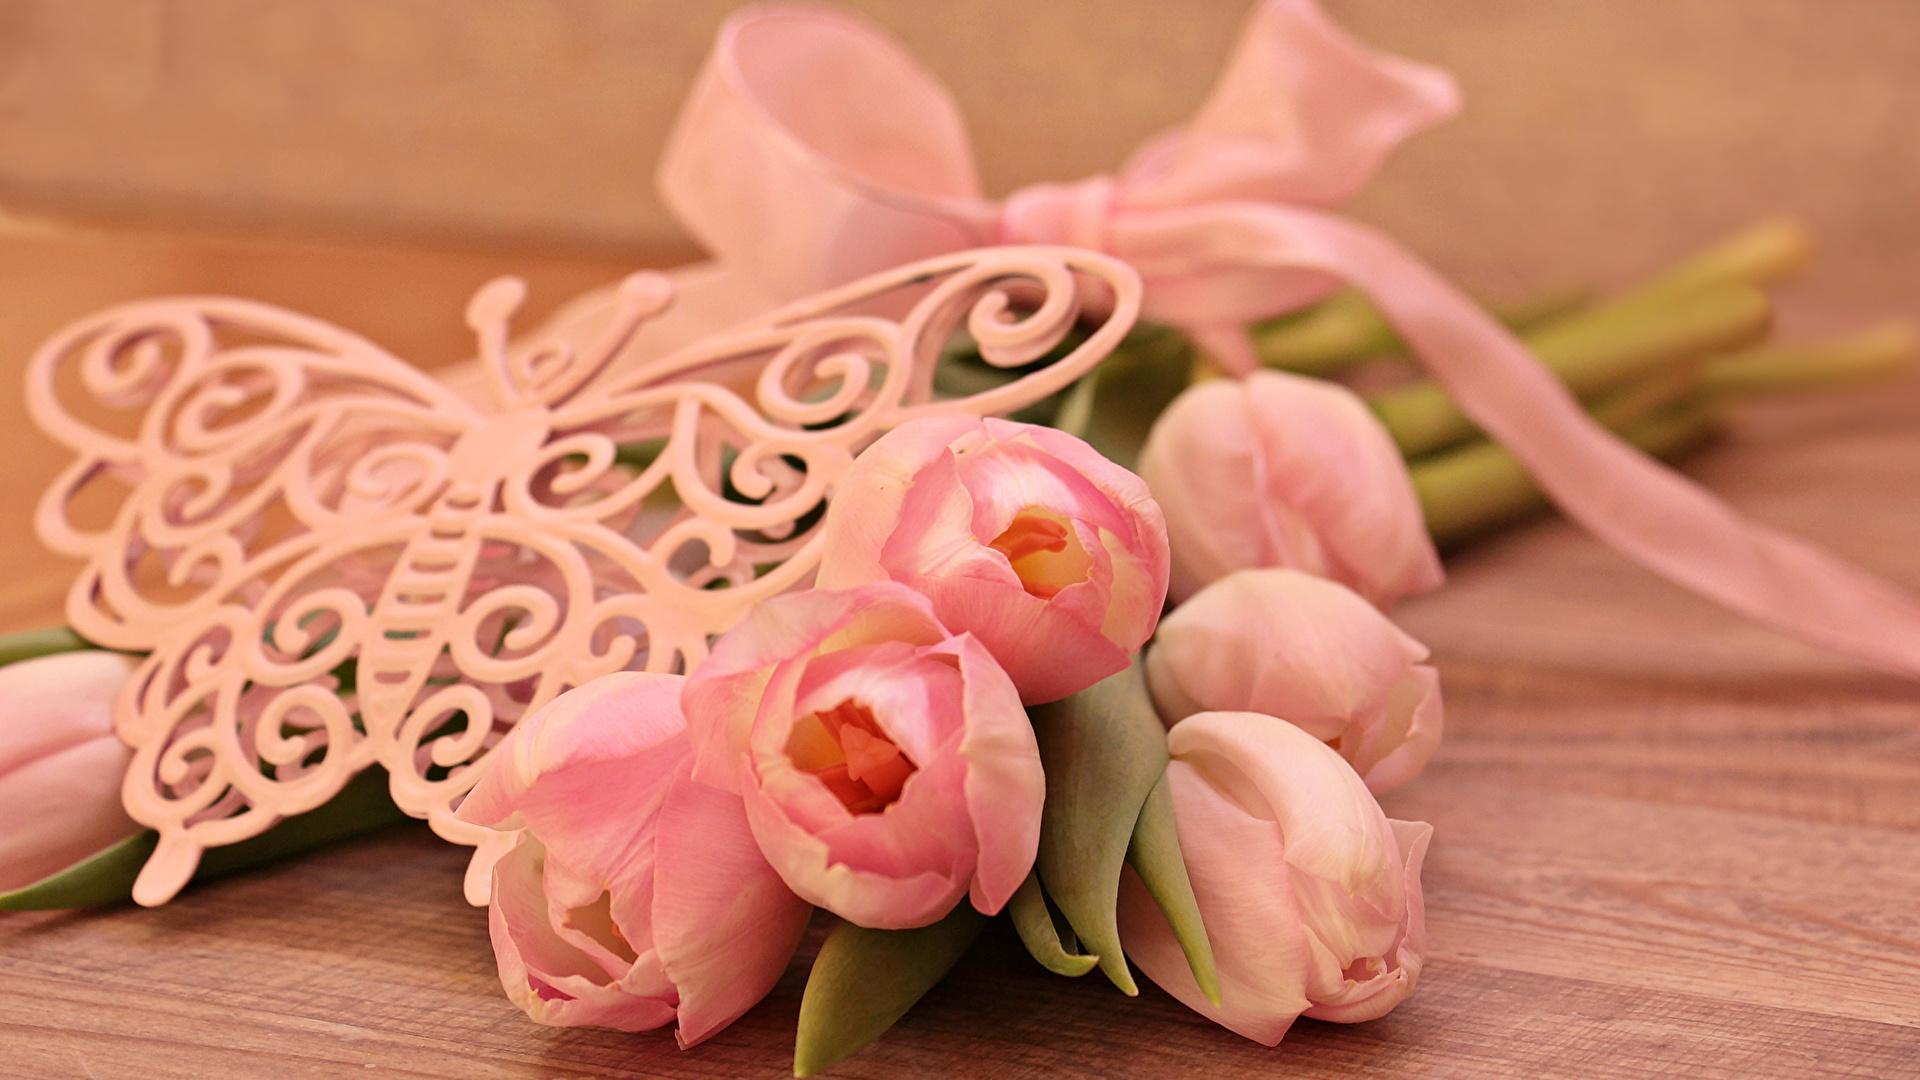 Фотография бабочка розовая Тюльпаны цветок Доски 1920x1080 Бабочки тюльпан Розовый розовые розовых Цветы